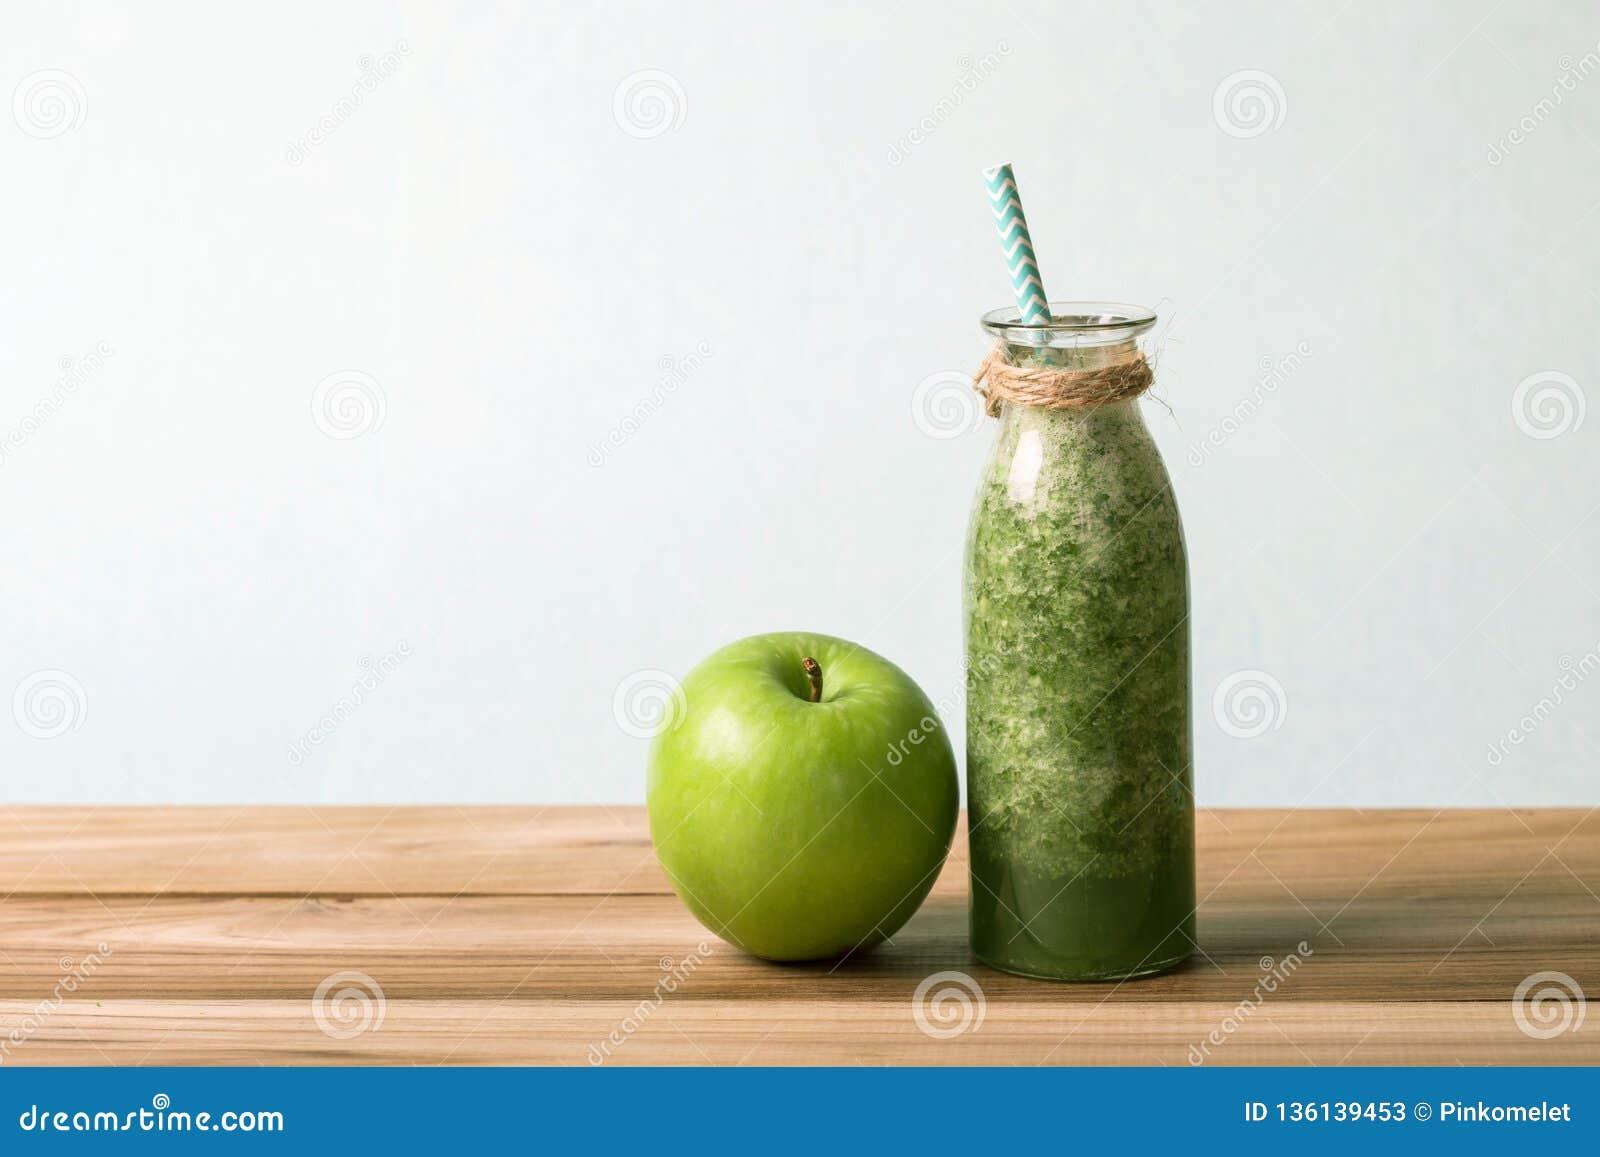 Gesunder frischer grüner Smoothiesaft in der Glasflasche auf Holztisch für gesundes Detox- und Diätgewohnheitskonzept